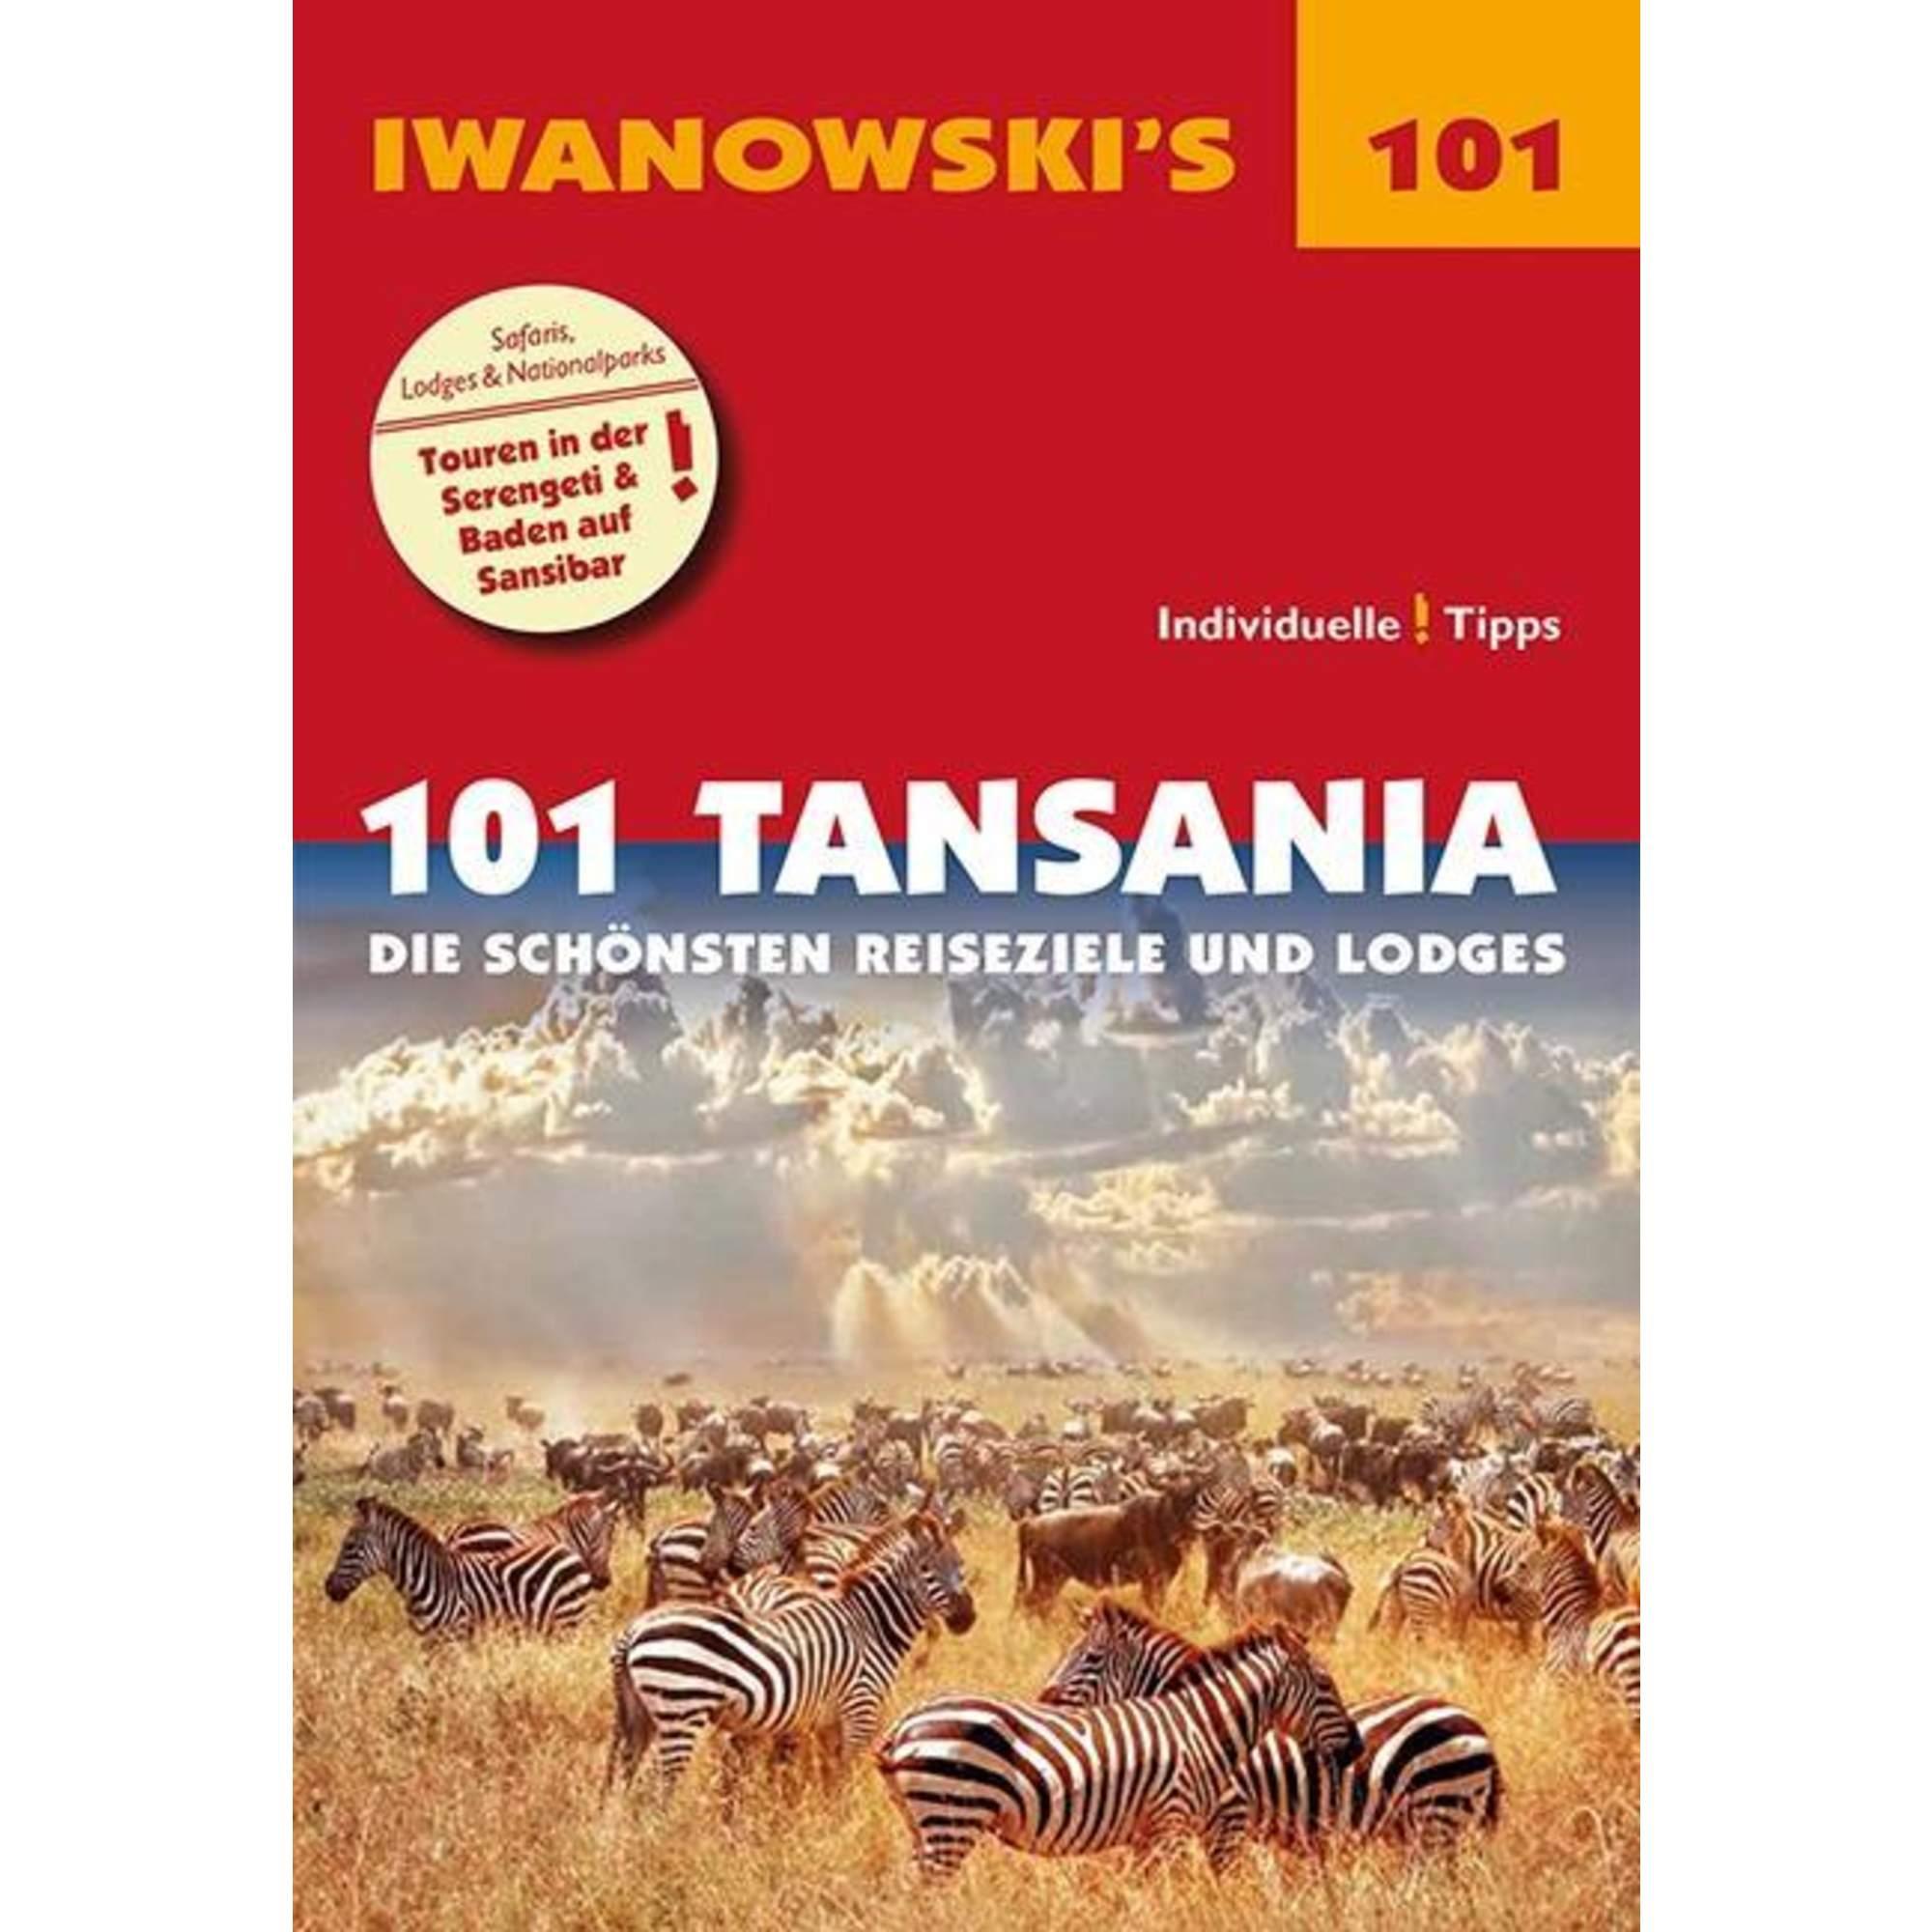 101 Tansania - Reiseführer von Iwanowski, 14,95 Euro